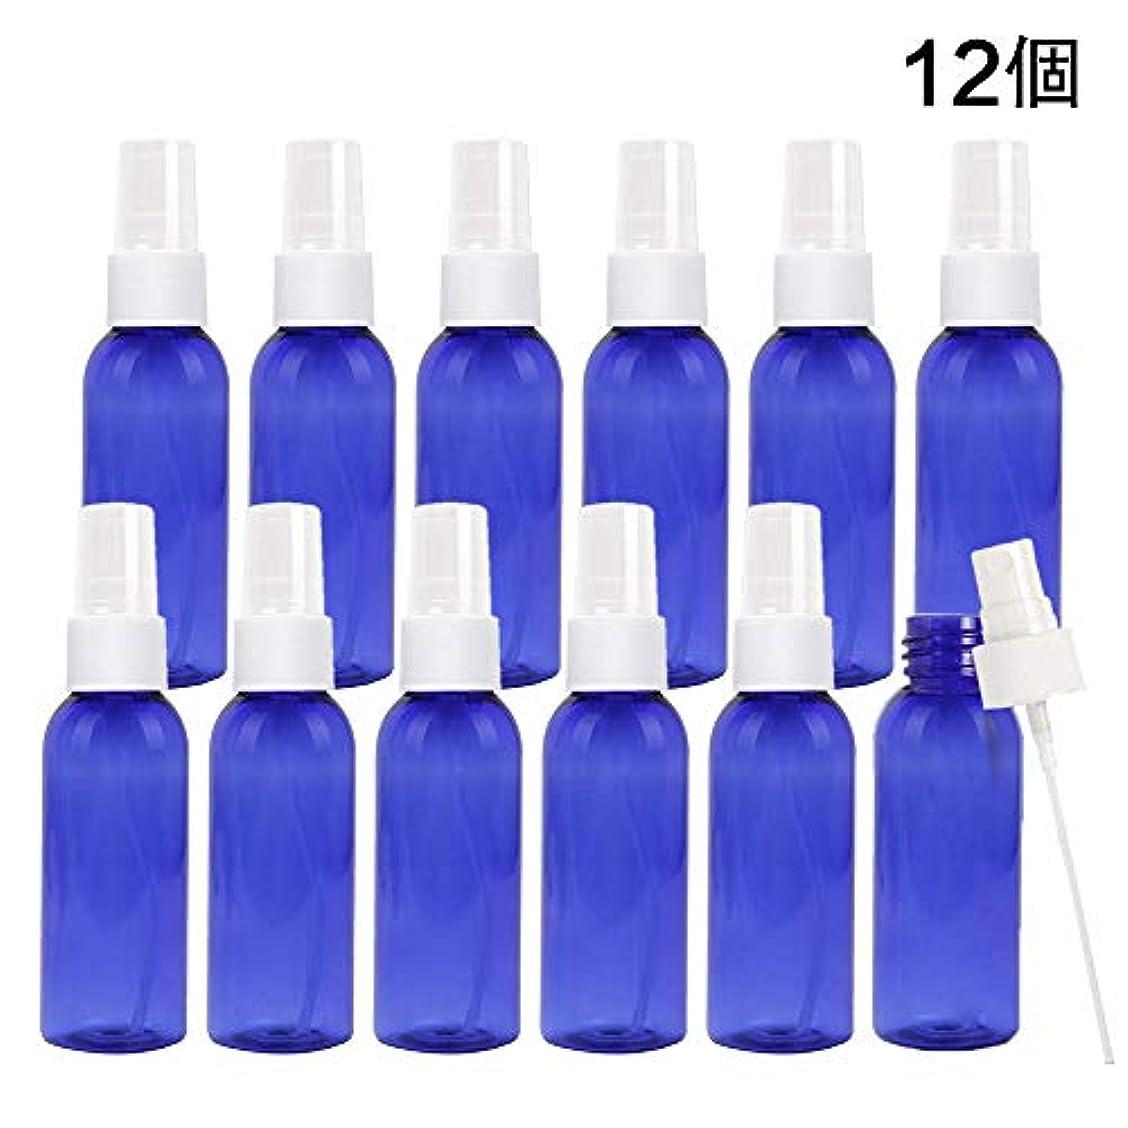 補う全能味わうスプレーボトル 50ml 遮光スプレー 霧吹き 詰め替え容器 キャップ付 青色 12本セット